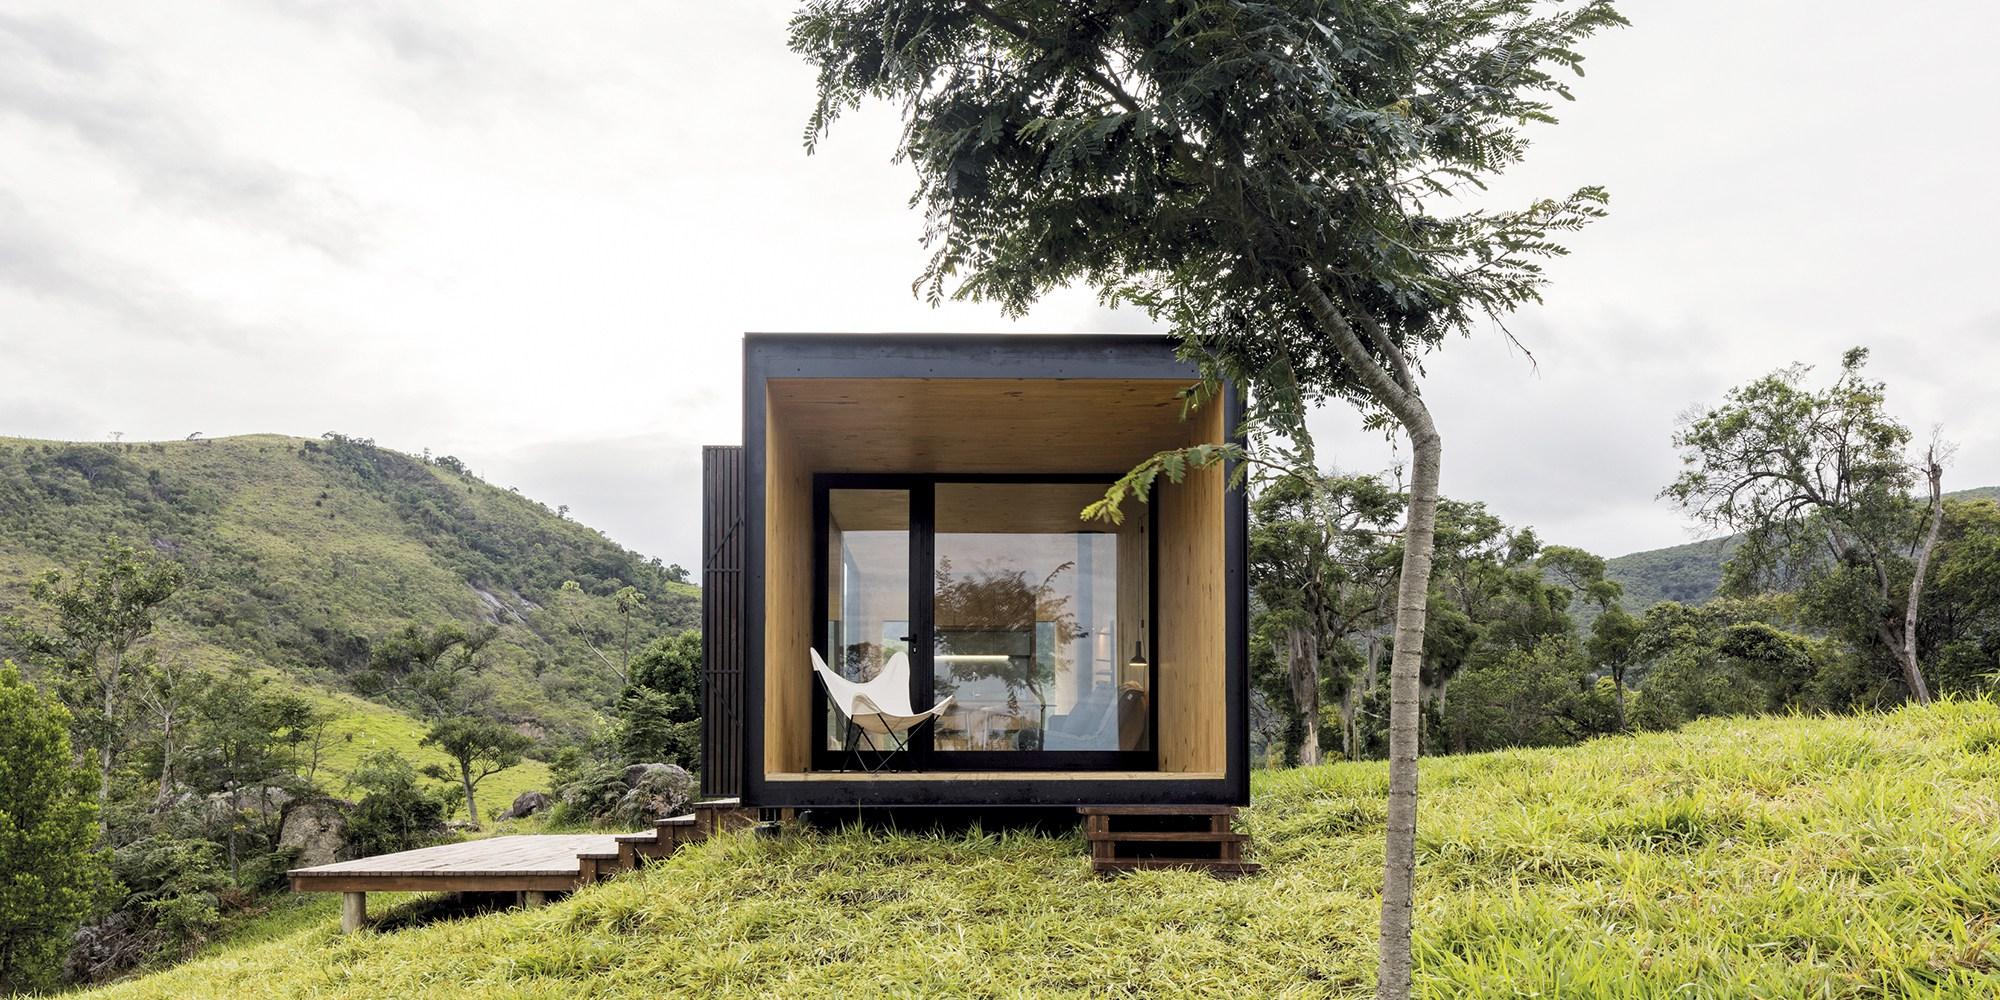 Tiny House Prix M2 tiny house: vivre plus libre dans de minuscules maisons